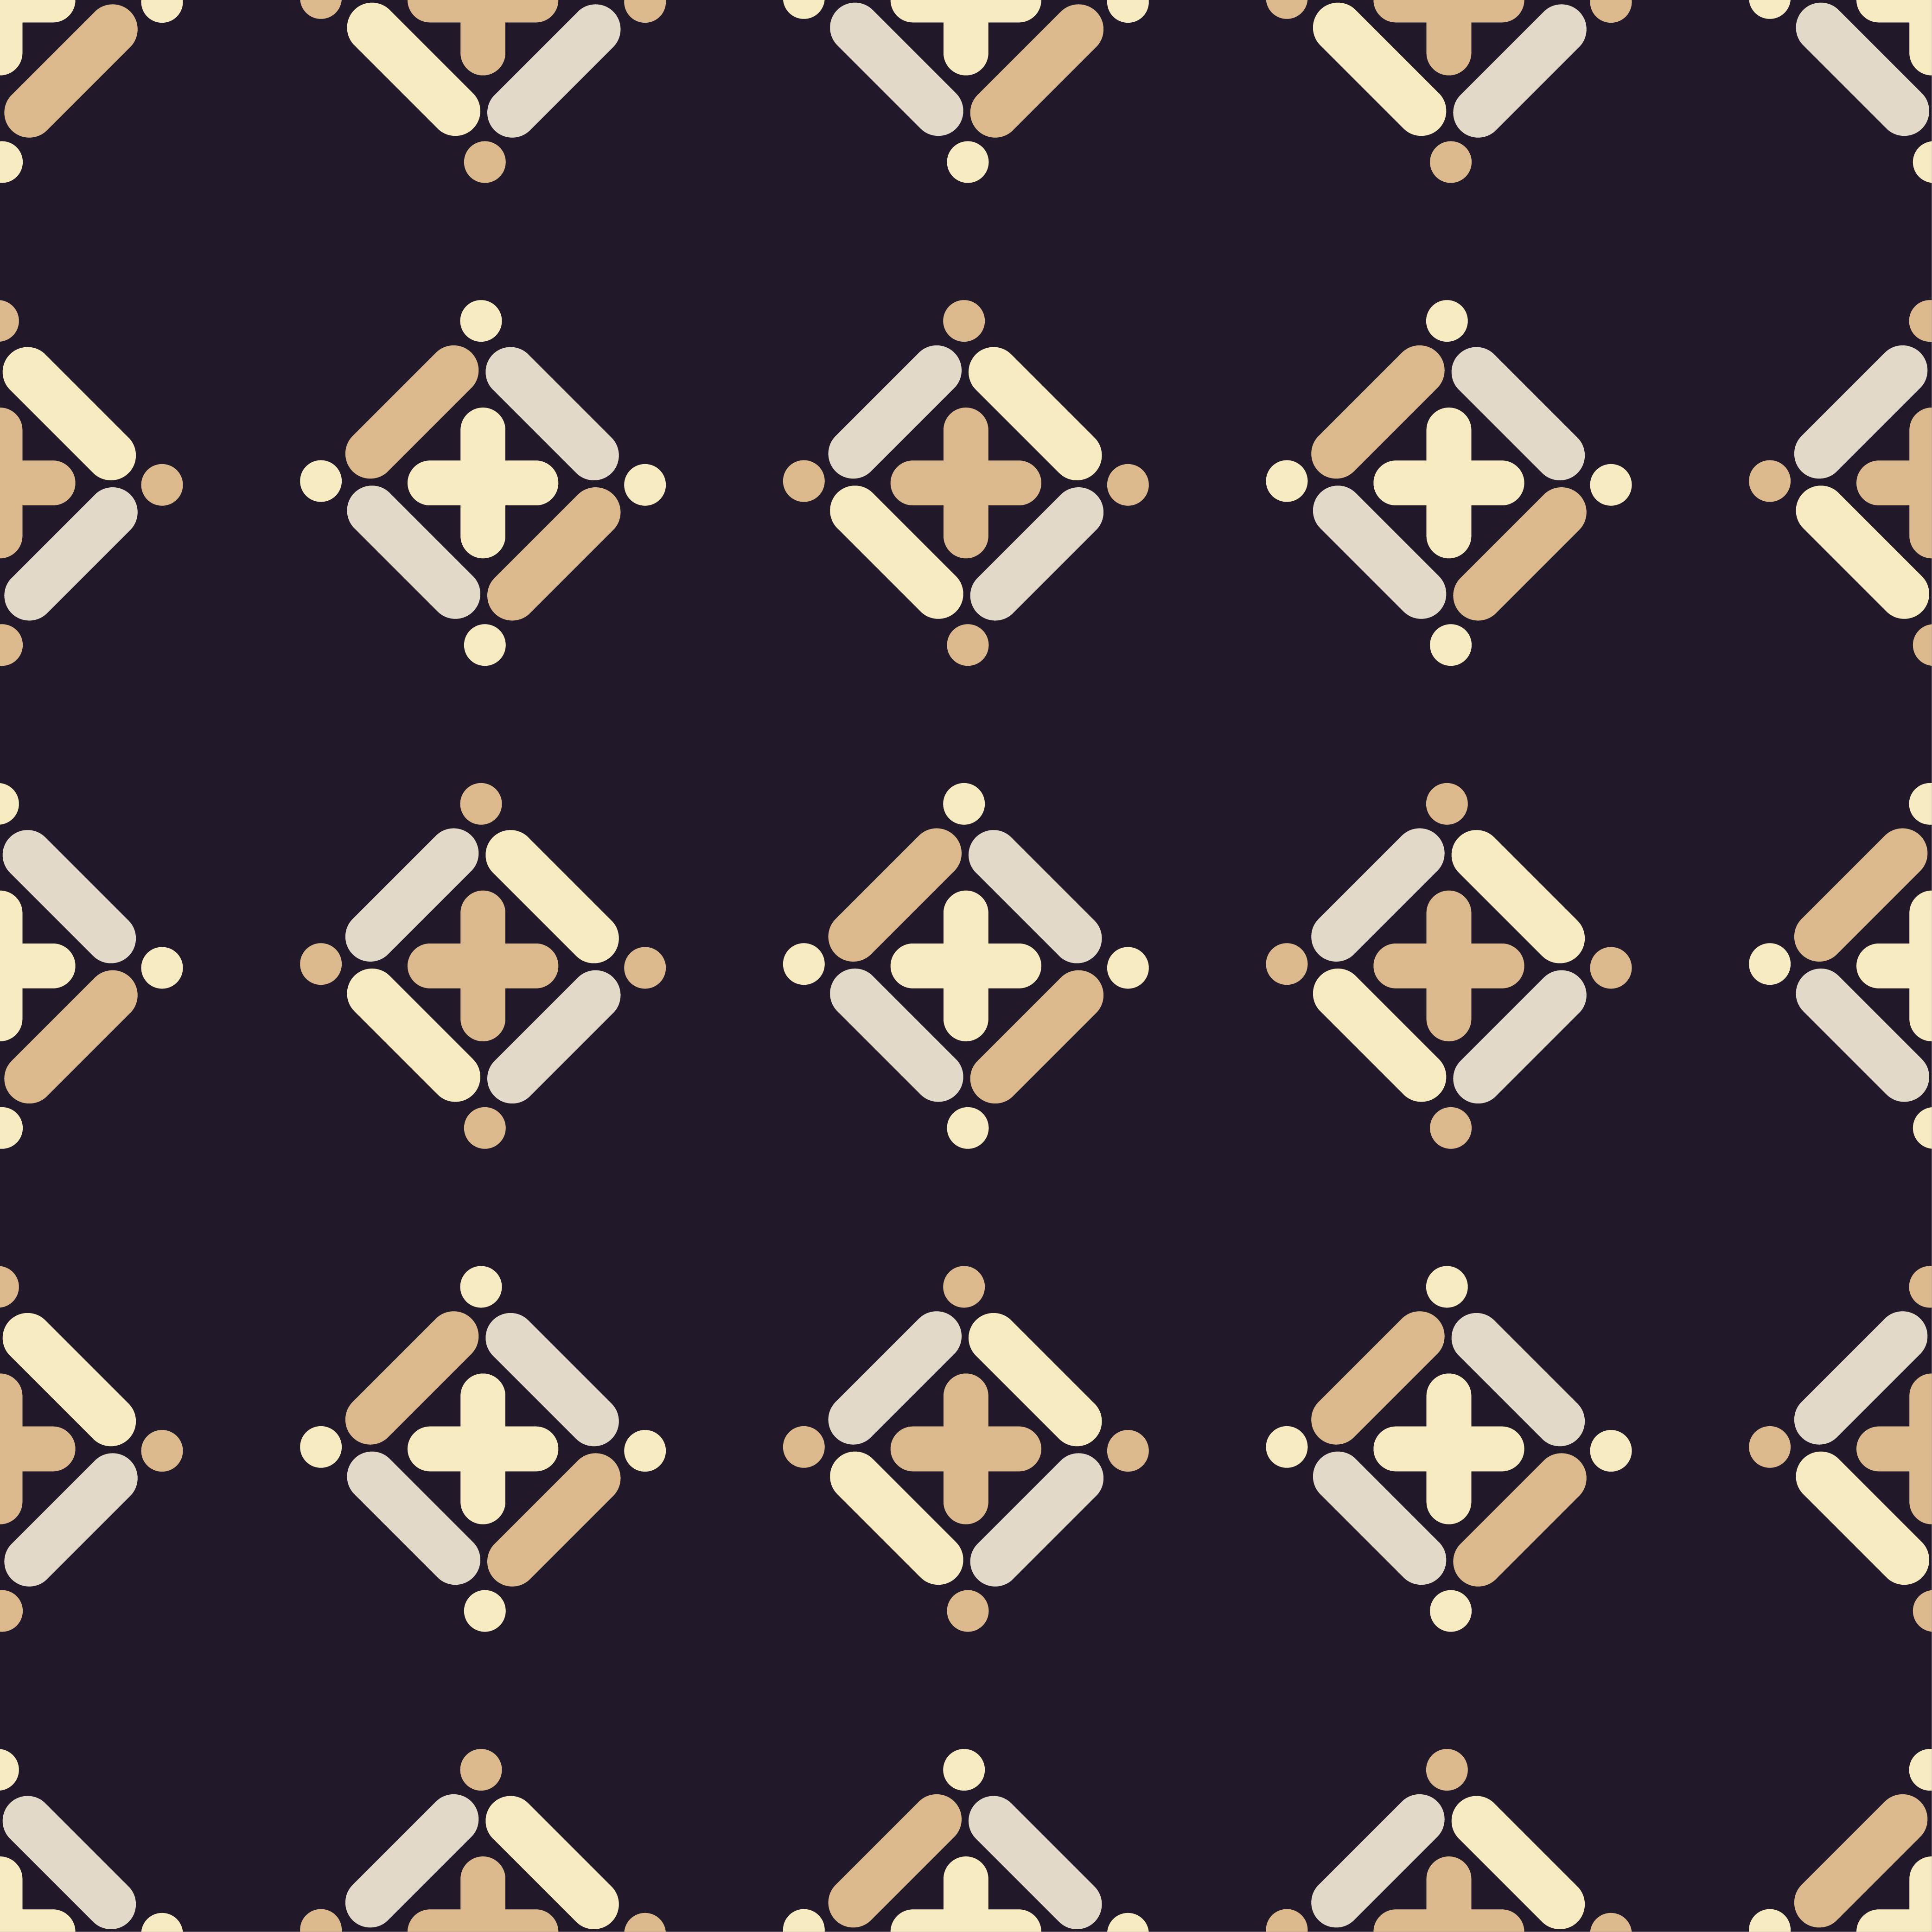 6 Ethnic boho seamless pattern.  example image 4